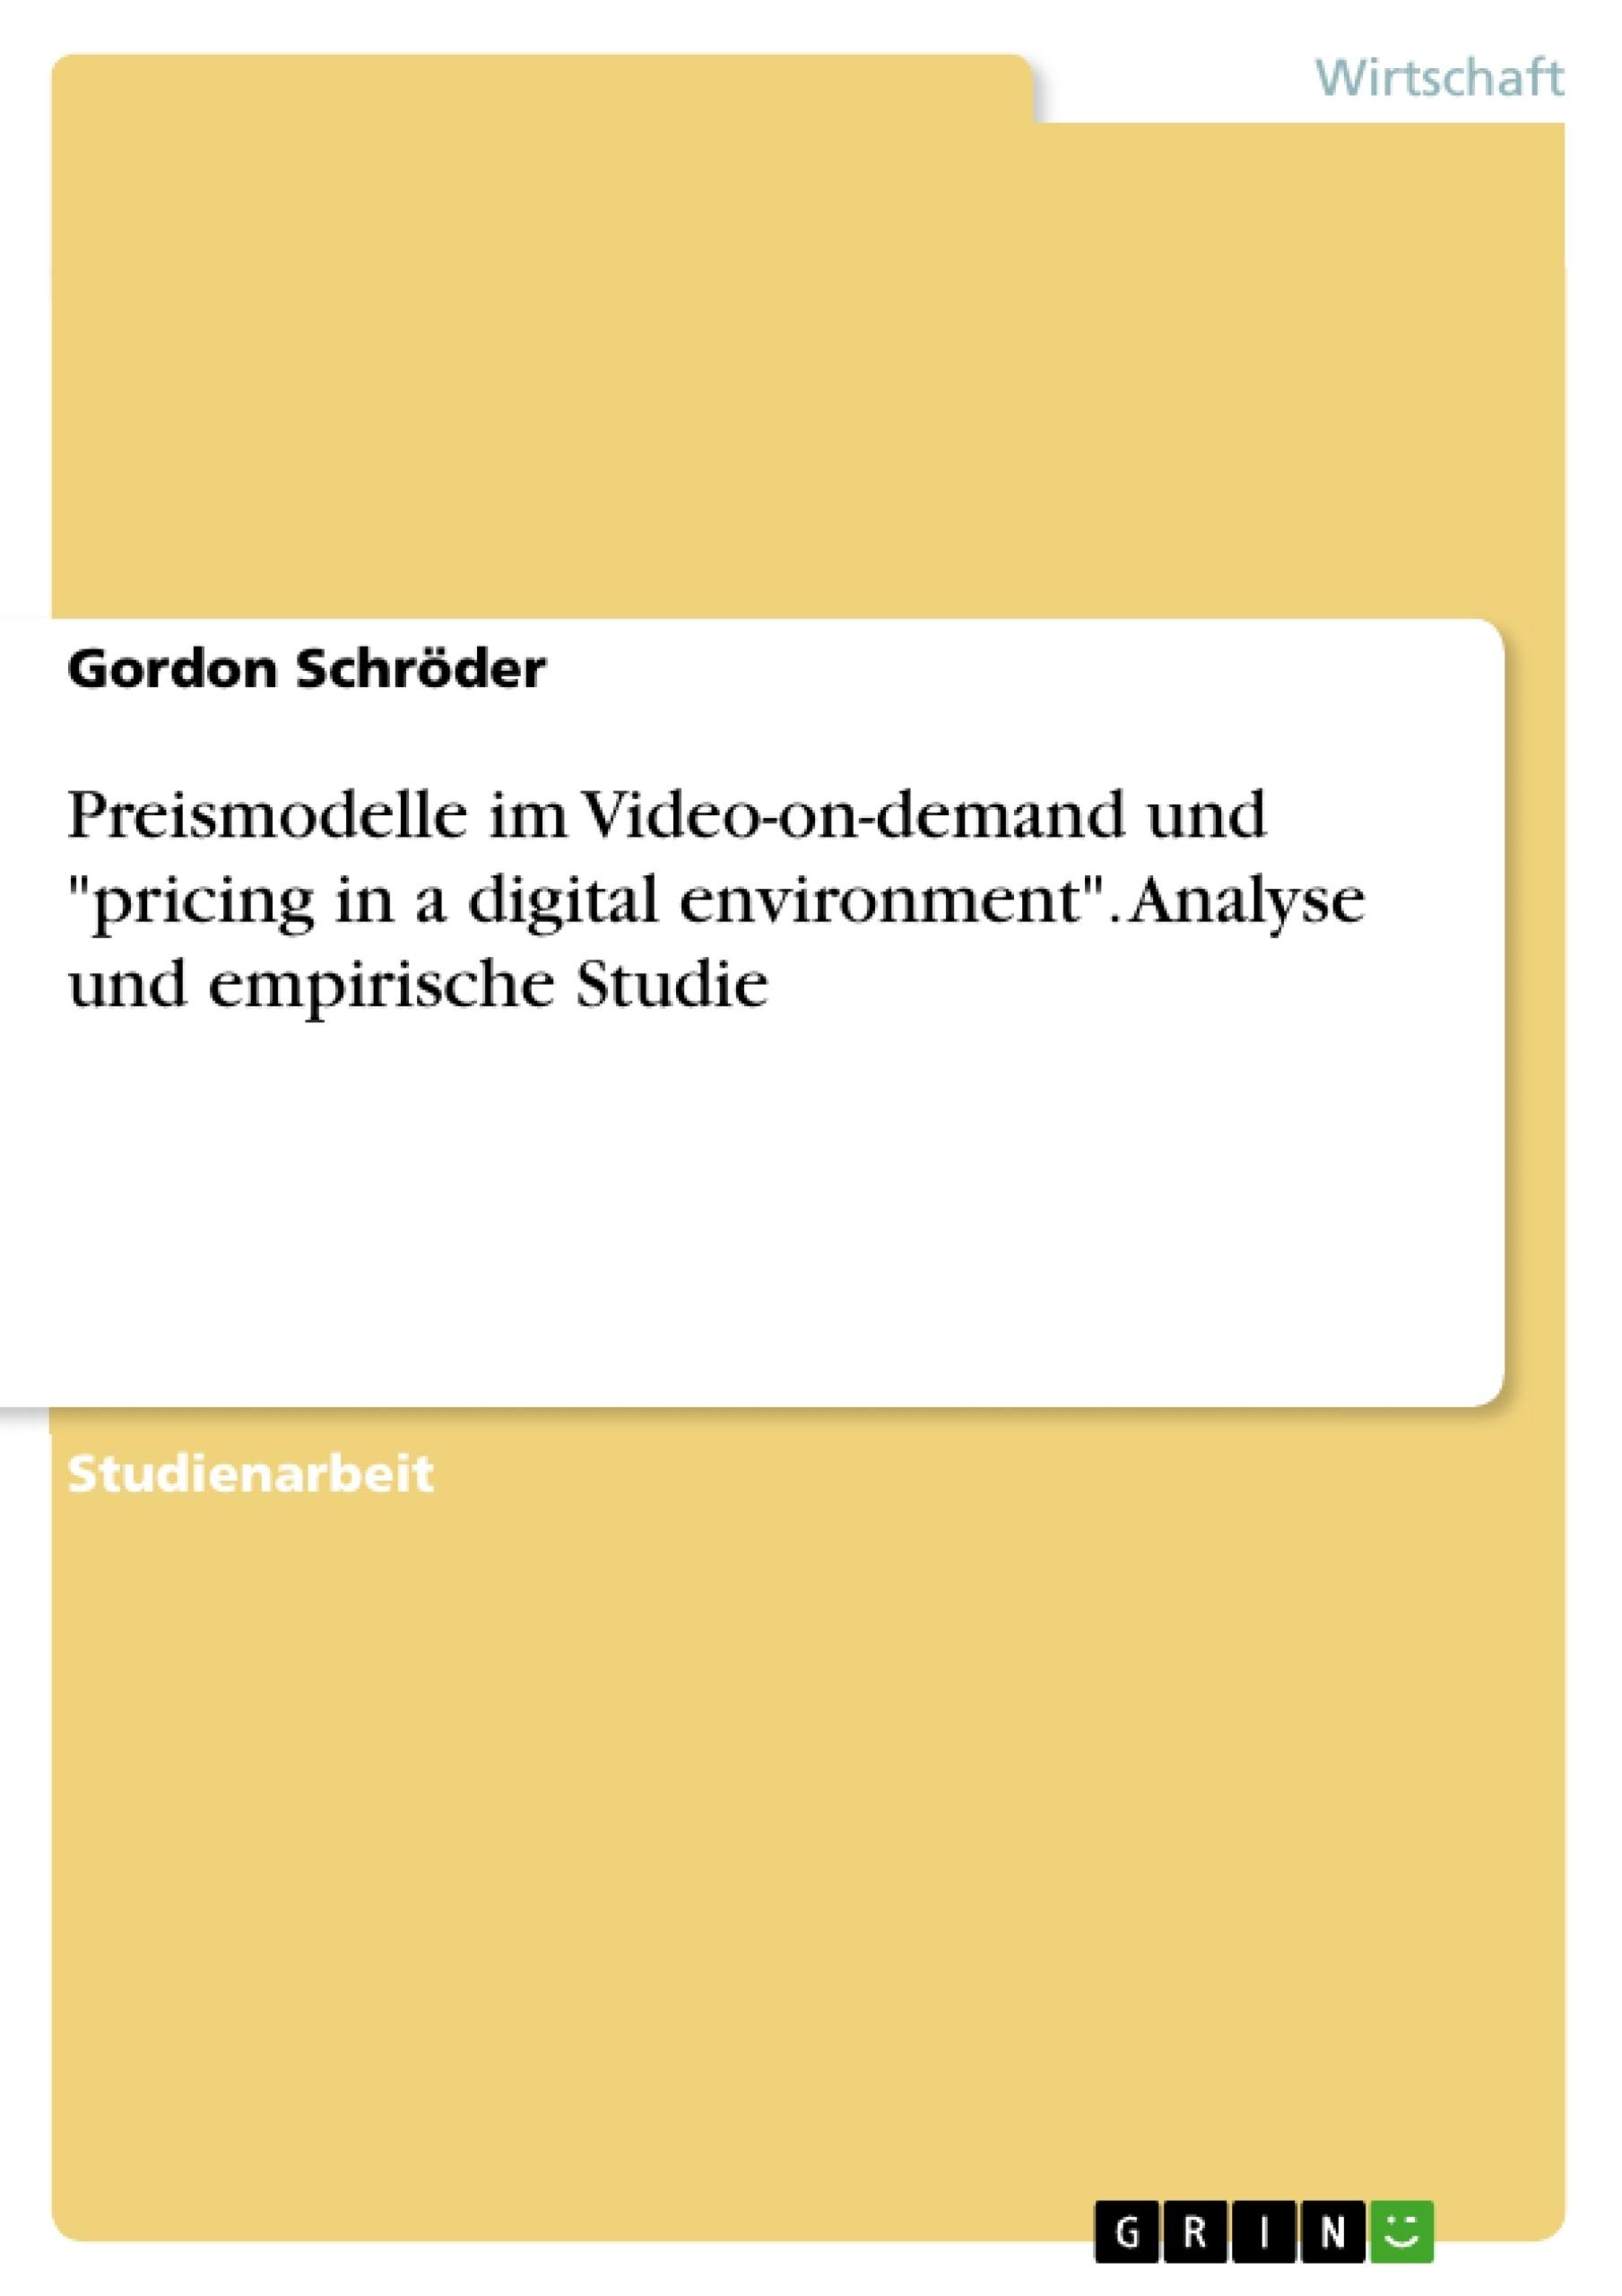 """Titel: Preismodelle im Video-on-demand und """"pricing in a digital environment"""". Analyse und empirische Studie"""